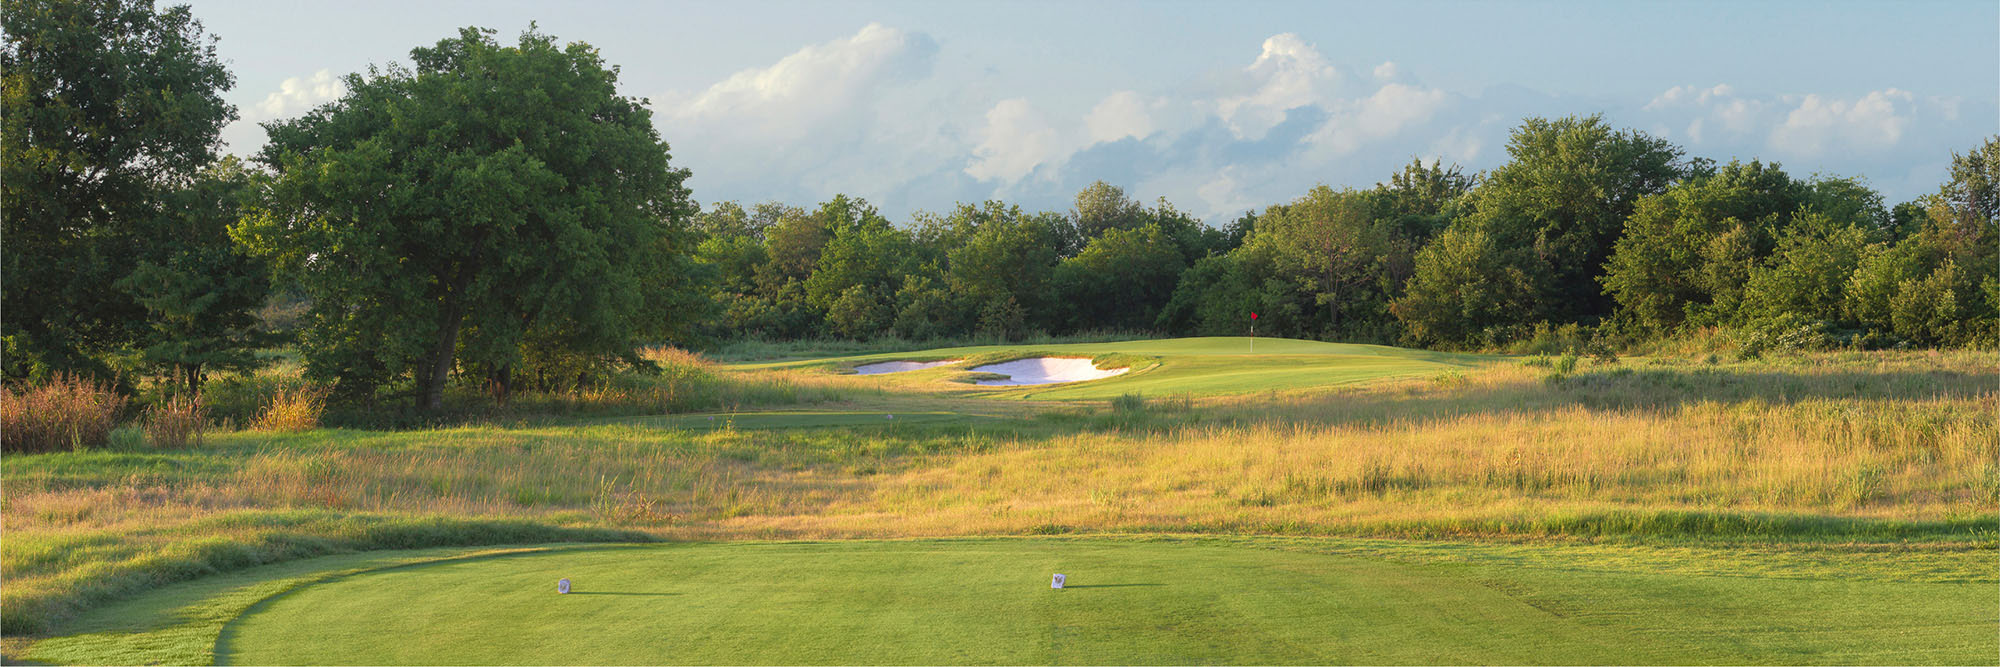 Golf Course Image - Patriot No. 11